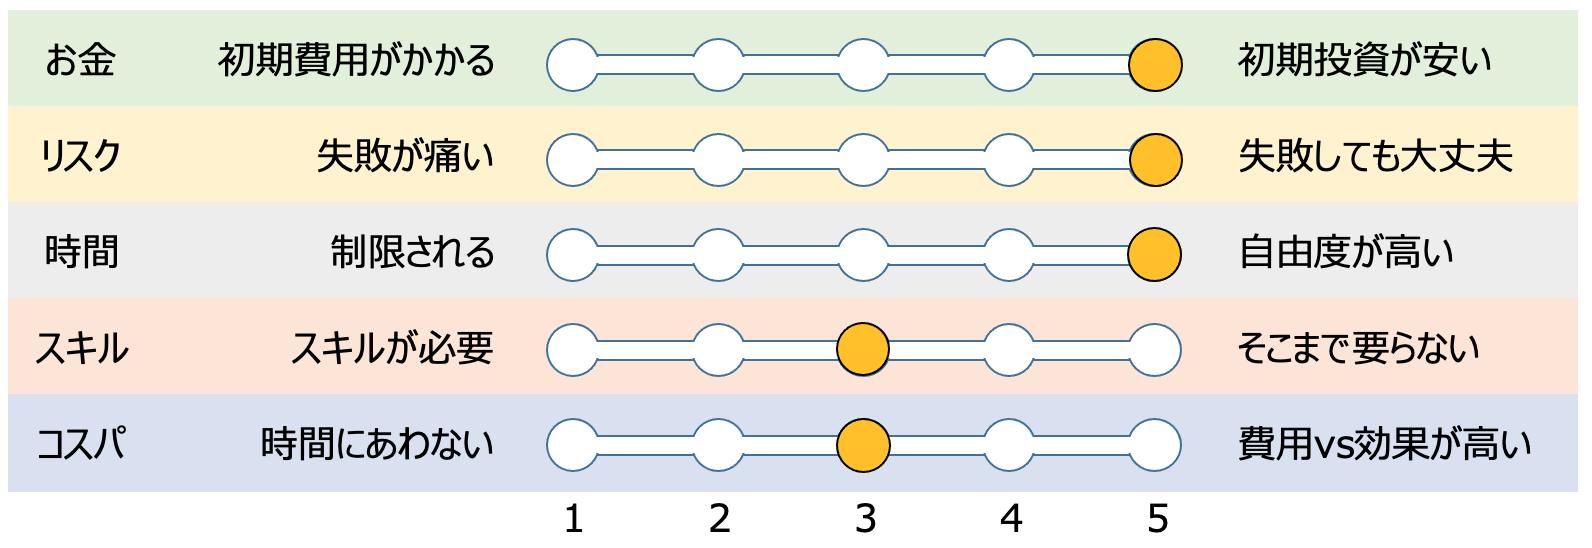 ブロガーの評価グラフ